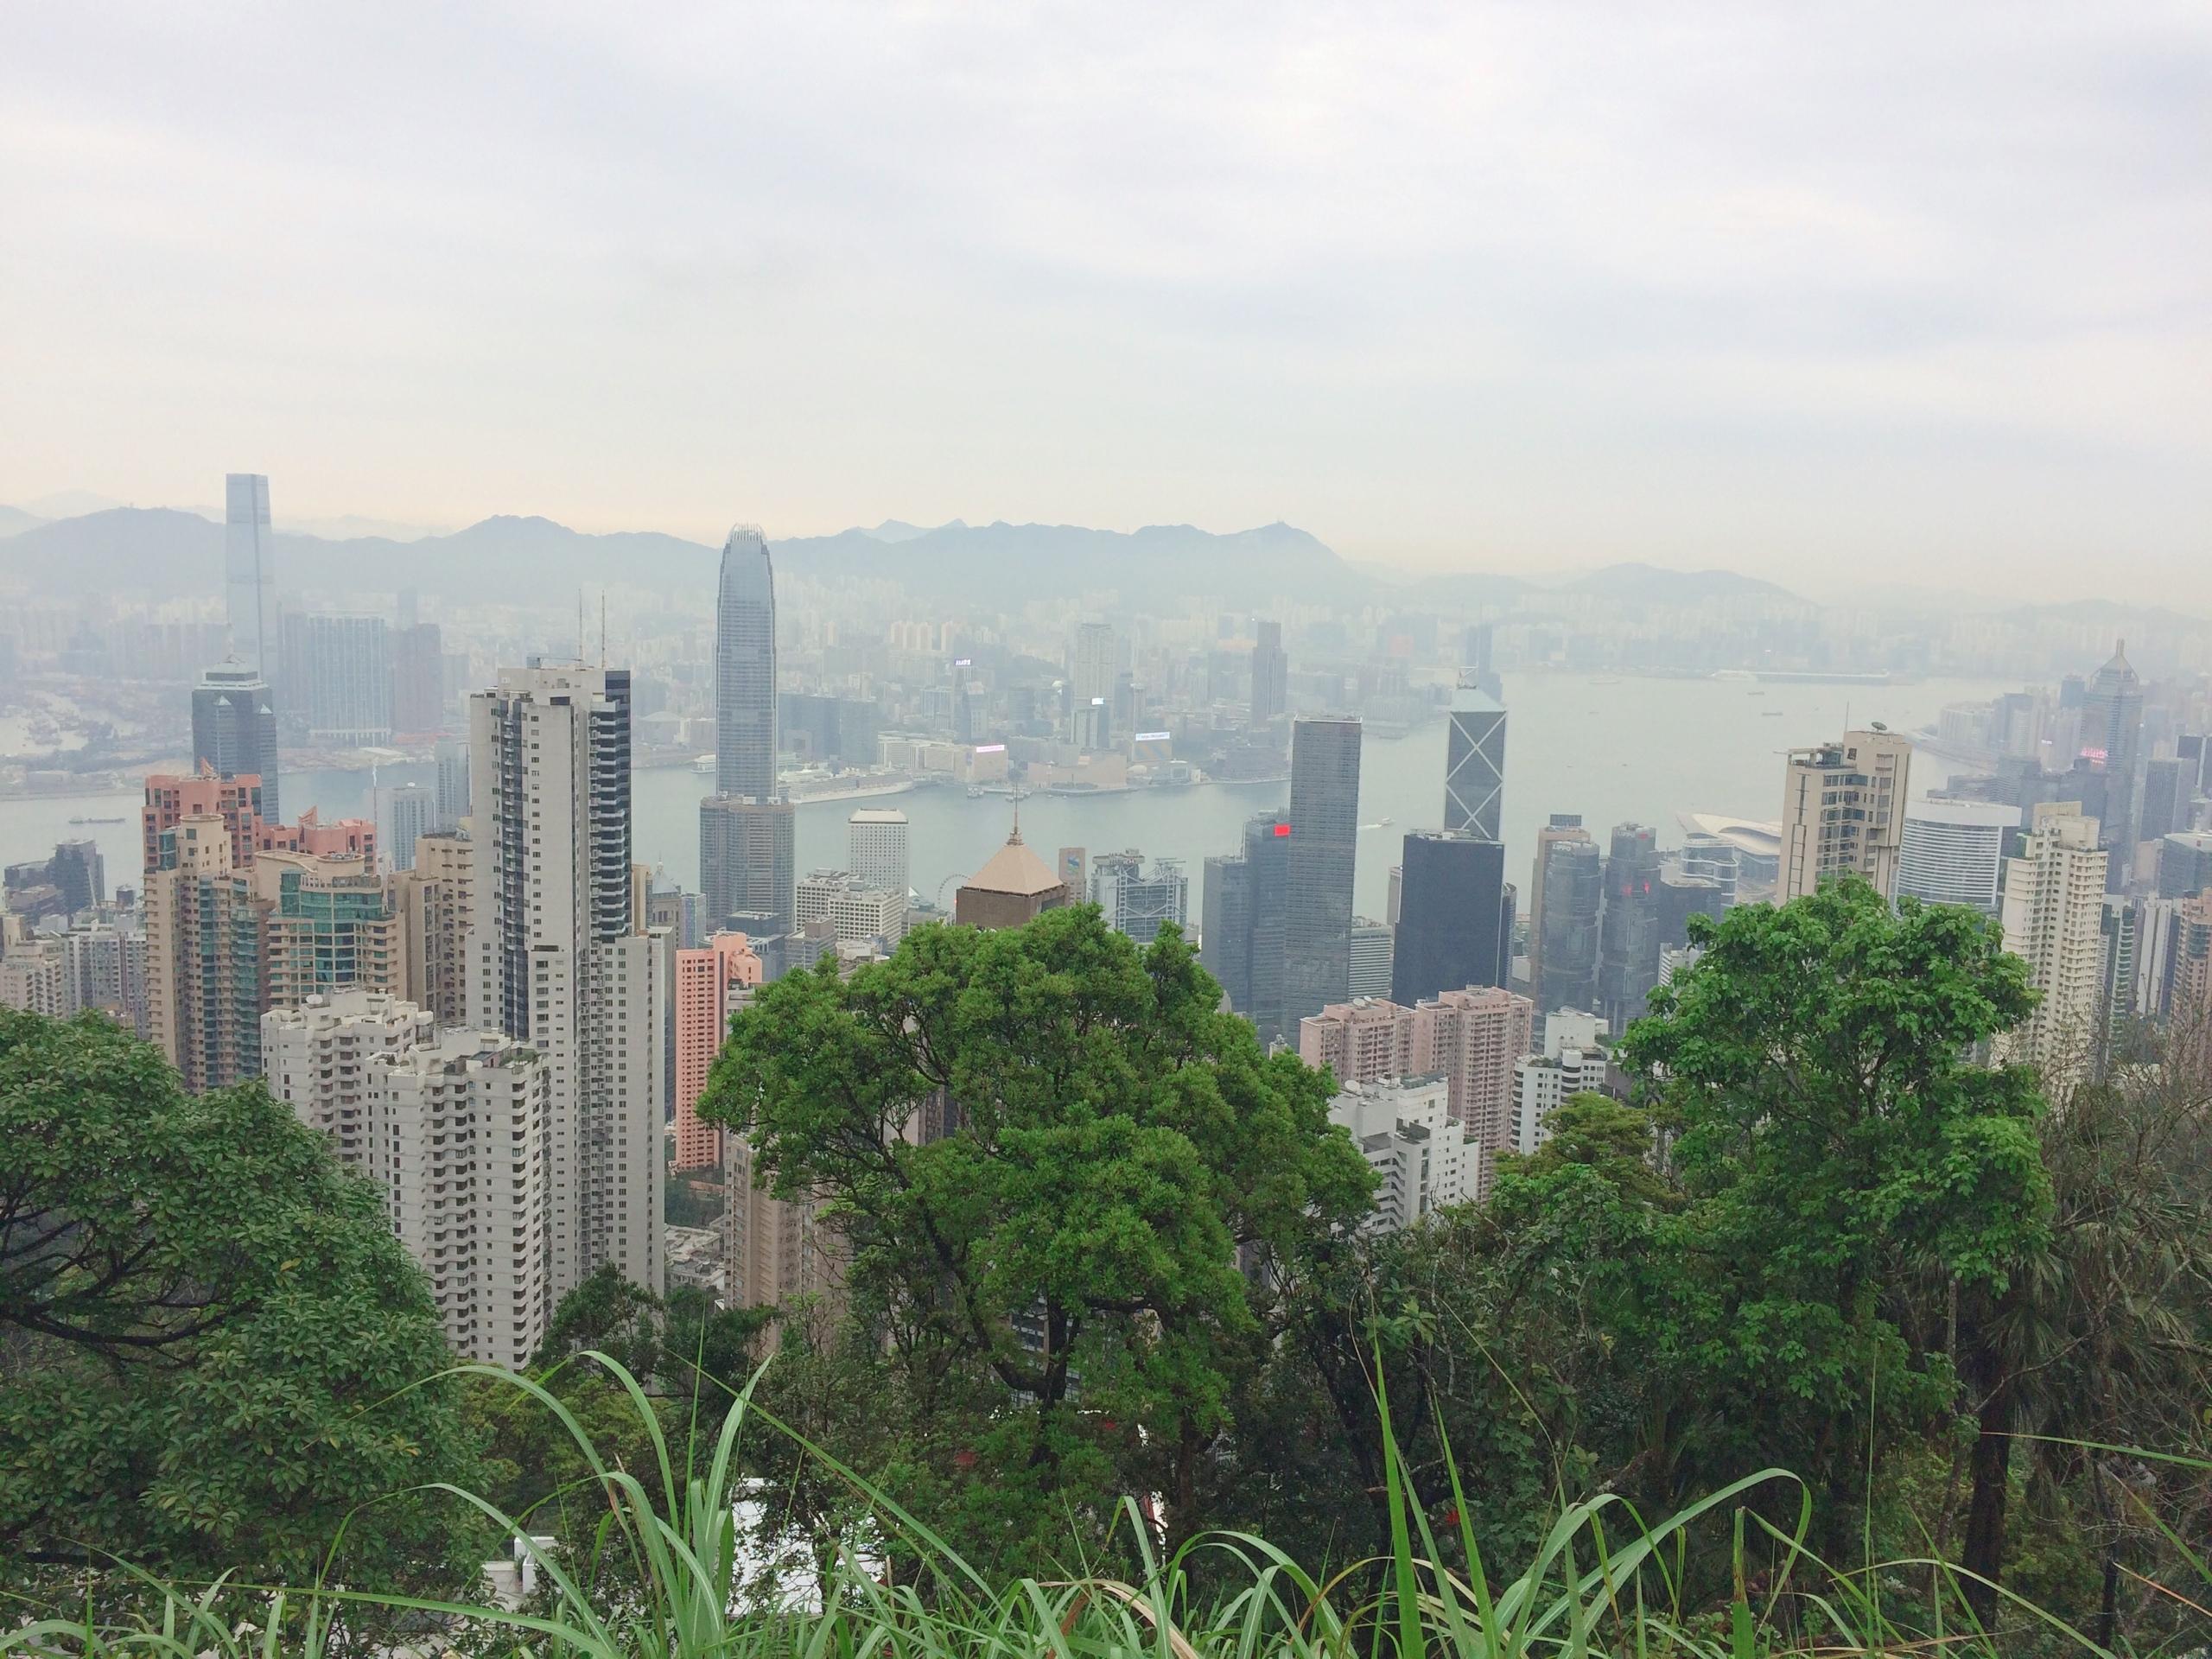 【映える街って本当?】インスタ映えすると話題の香港へ行って来ました♥《前編》_1_6